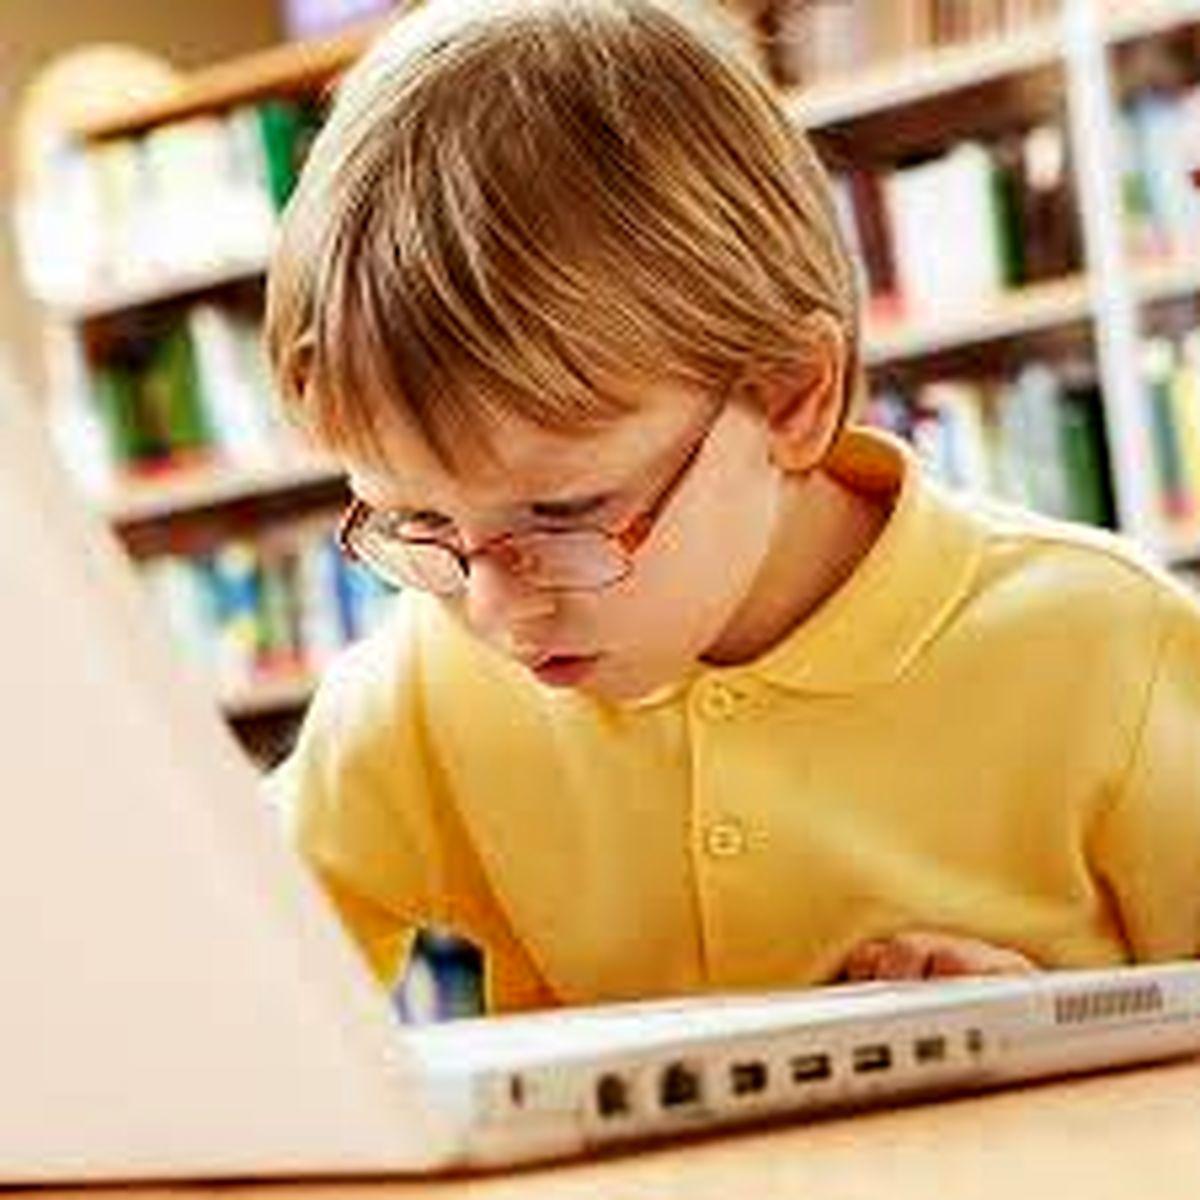 اتصال ۴۵هزار مدرسه به شبکه ملی اطلاعات